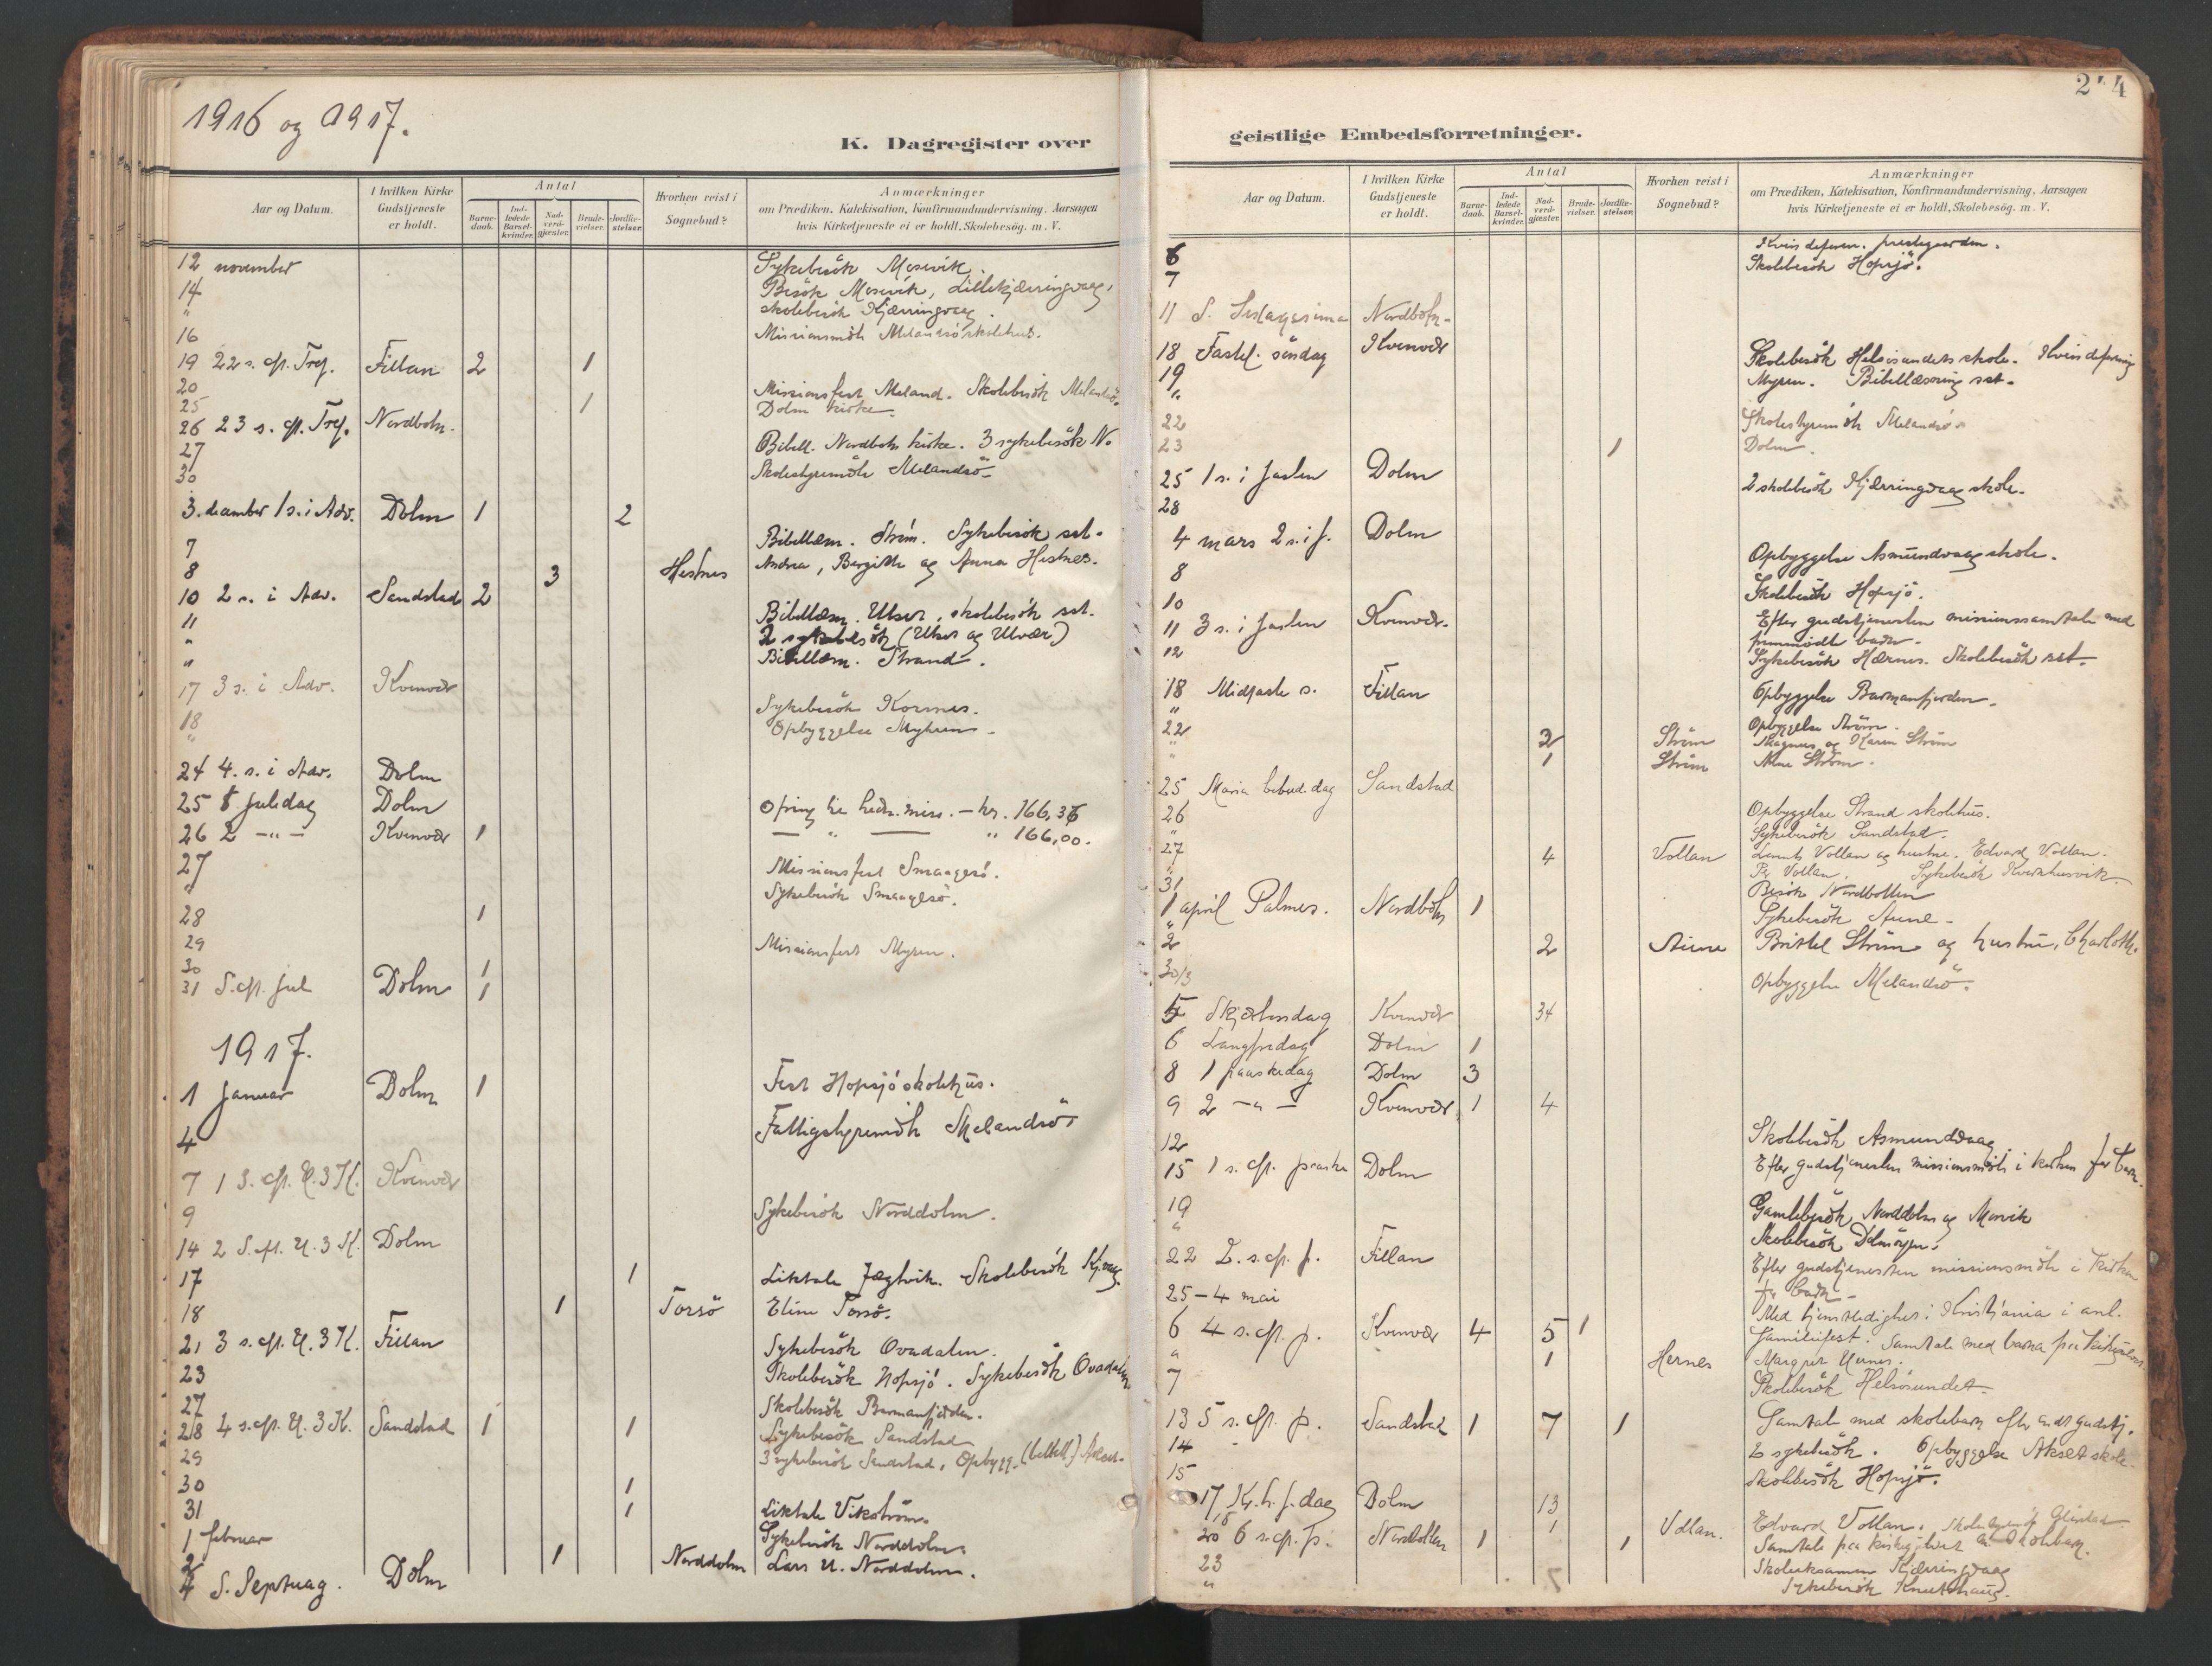 SAT, Ministerialprotokoller, klokkerbøker og fødselsregistre - Sør-Trøndelag, 634/L0537: Ministerialbok nr. 634A13, 1896-1922, s. 244